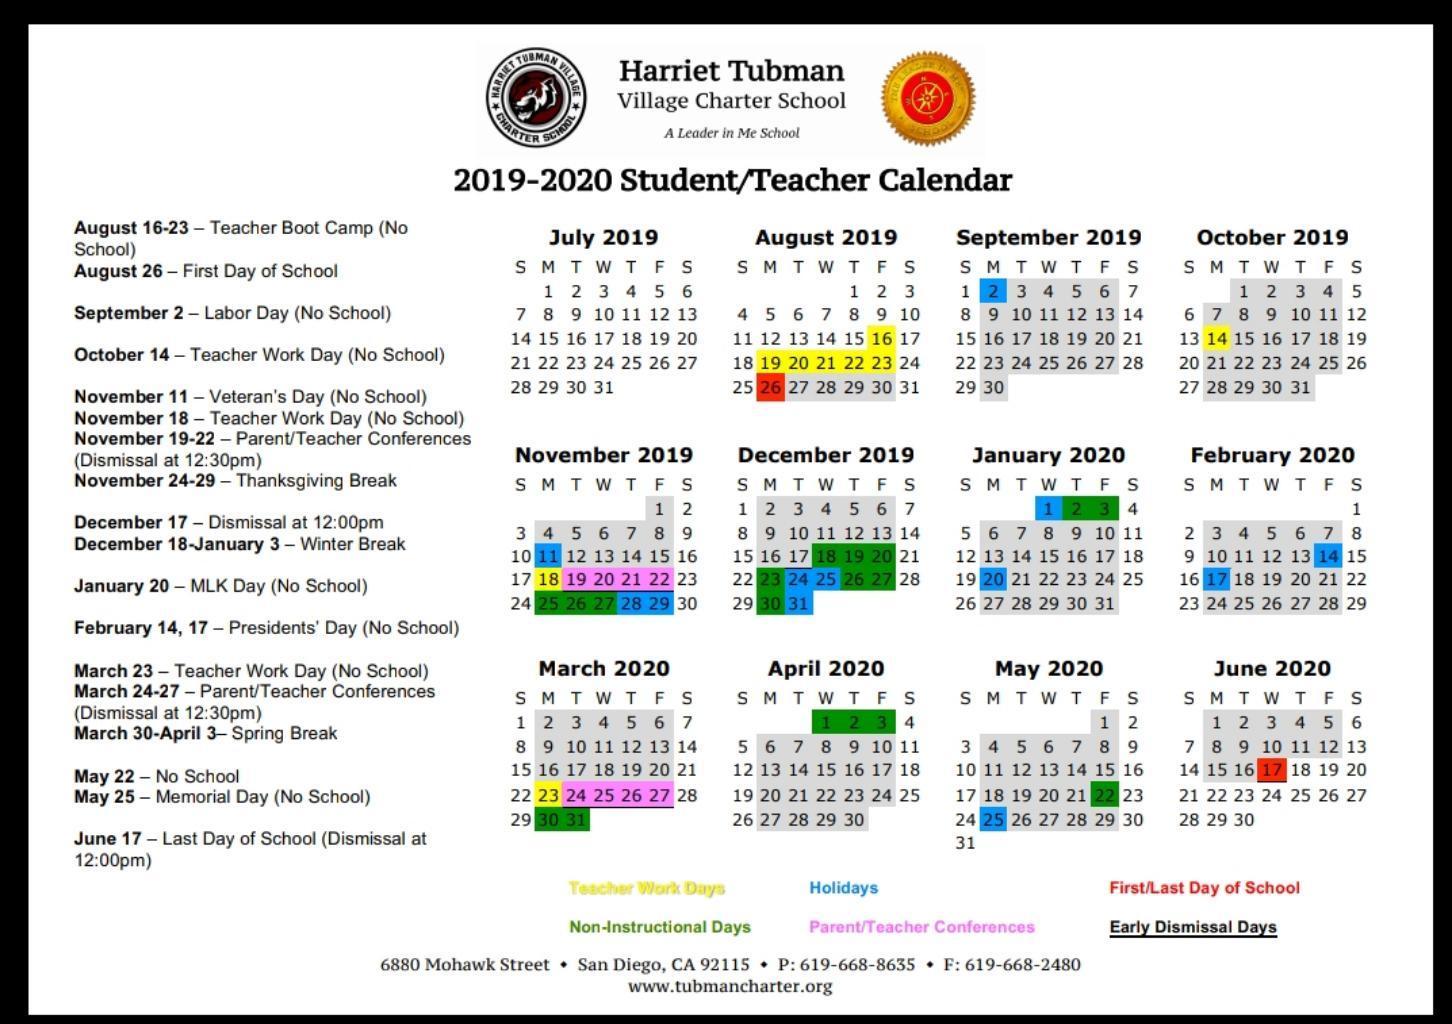 School Year Calendar 2019 20 – School Year Calendar 2019 20 In San Diego Unified School District Calendar